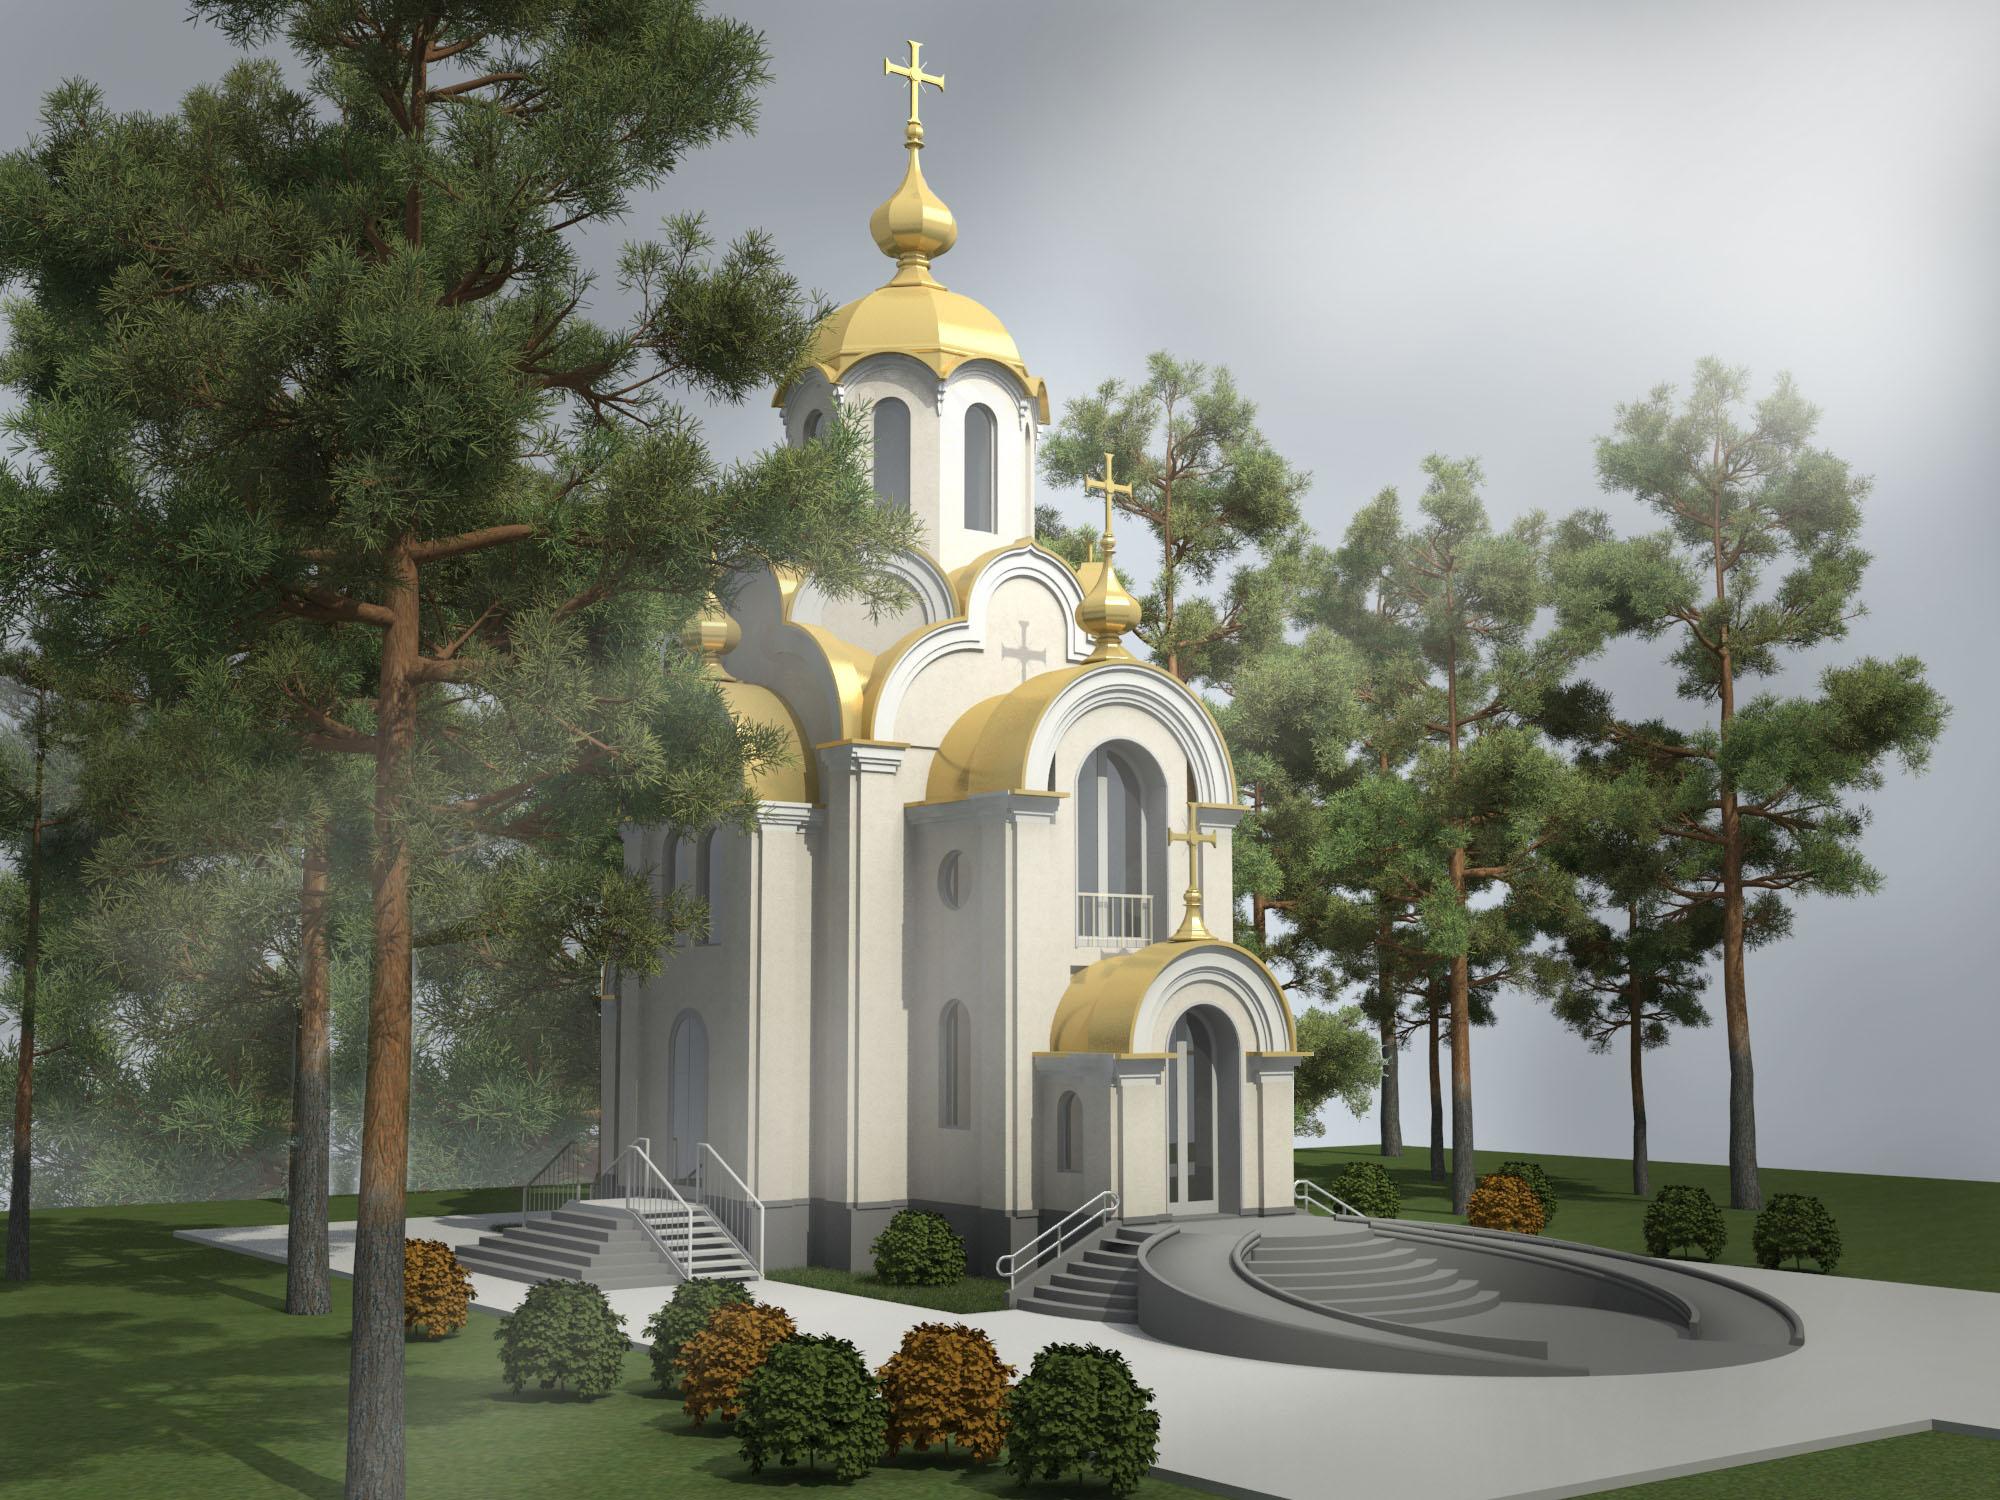 Православный храм. Проект храма и рисунок церкви расположены в архитектурном бюро Архилюкс